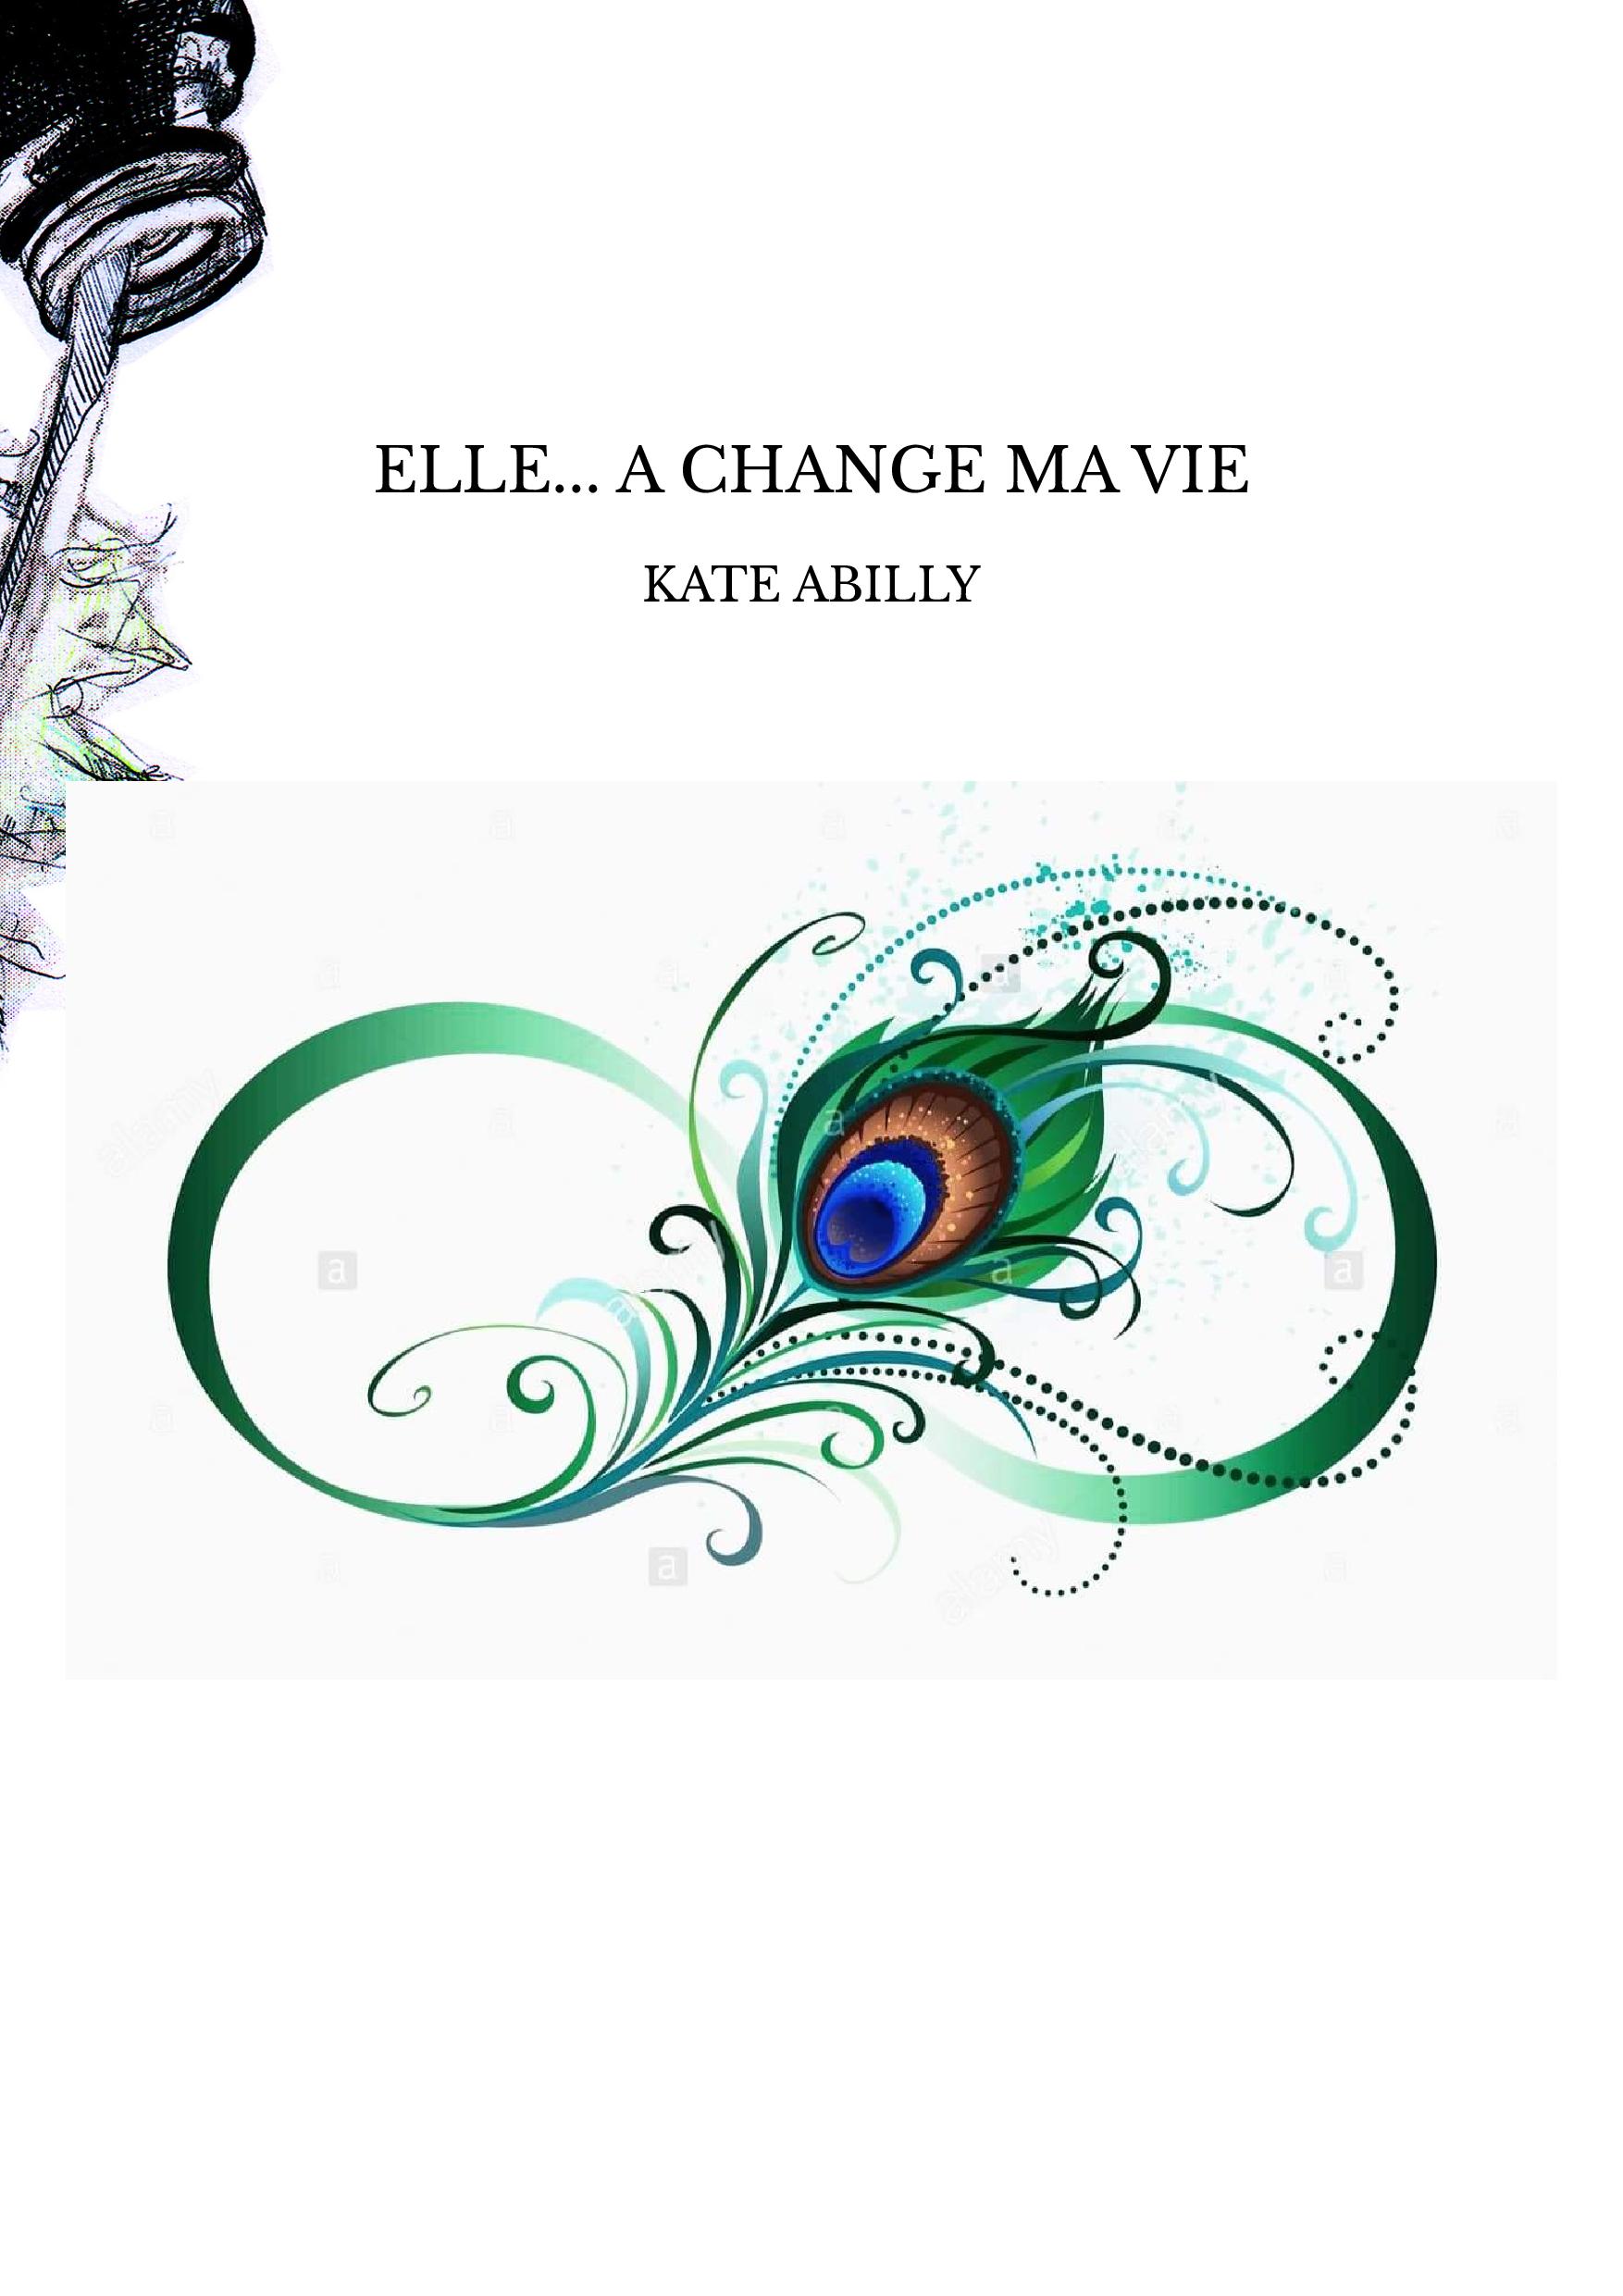 ELLE... A CHANGE MA VIE